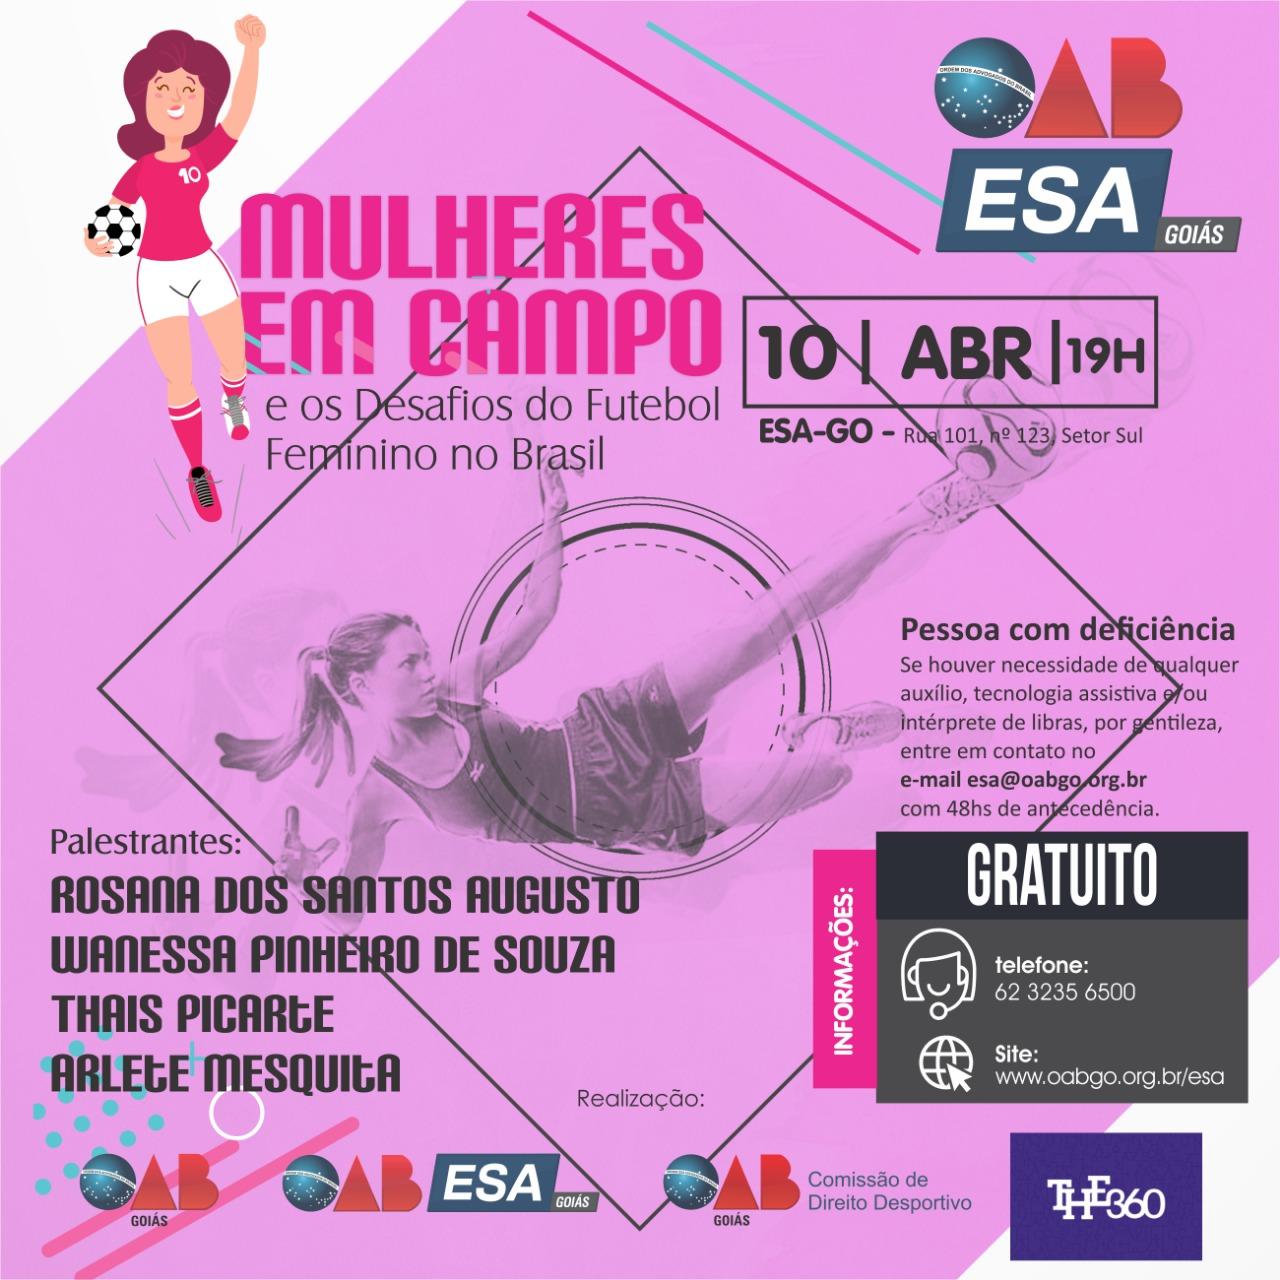 10.04 - Mulheres em Campo e os Desafios do Futebol Feminino no Brasil